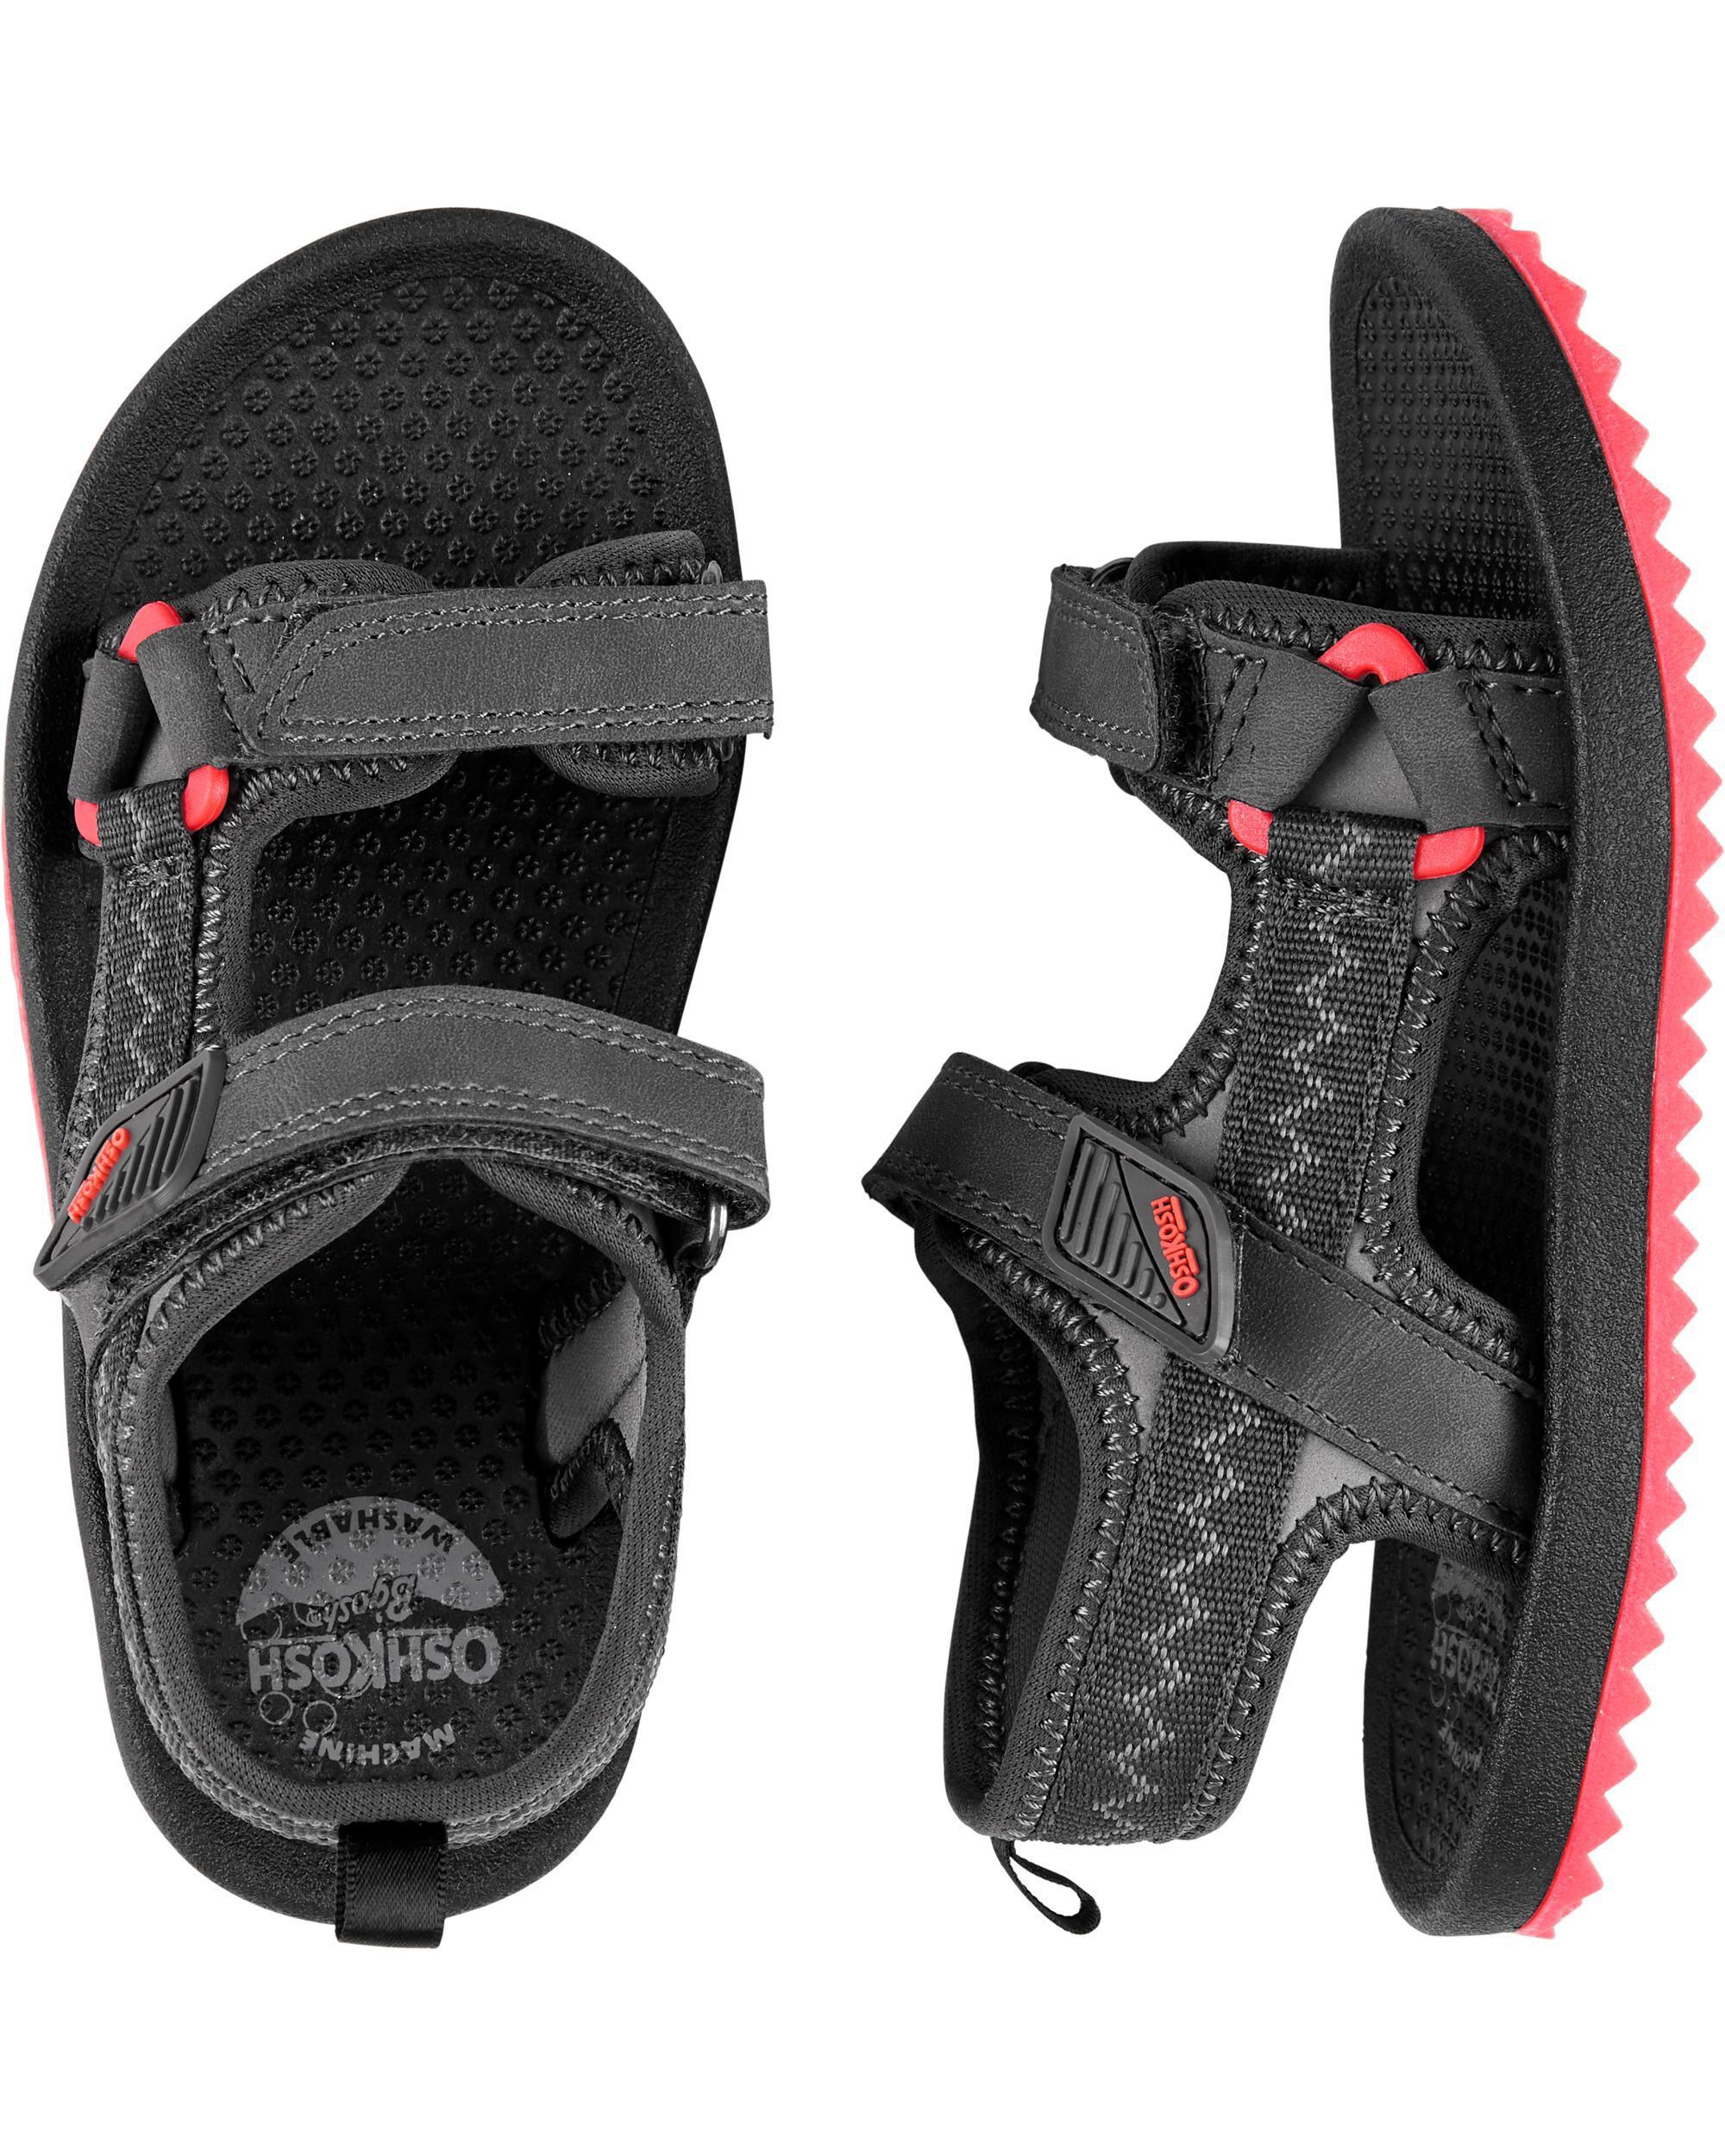 Carters Adventure Sandals